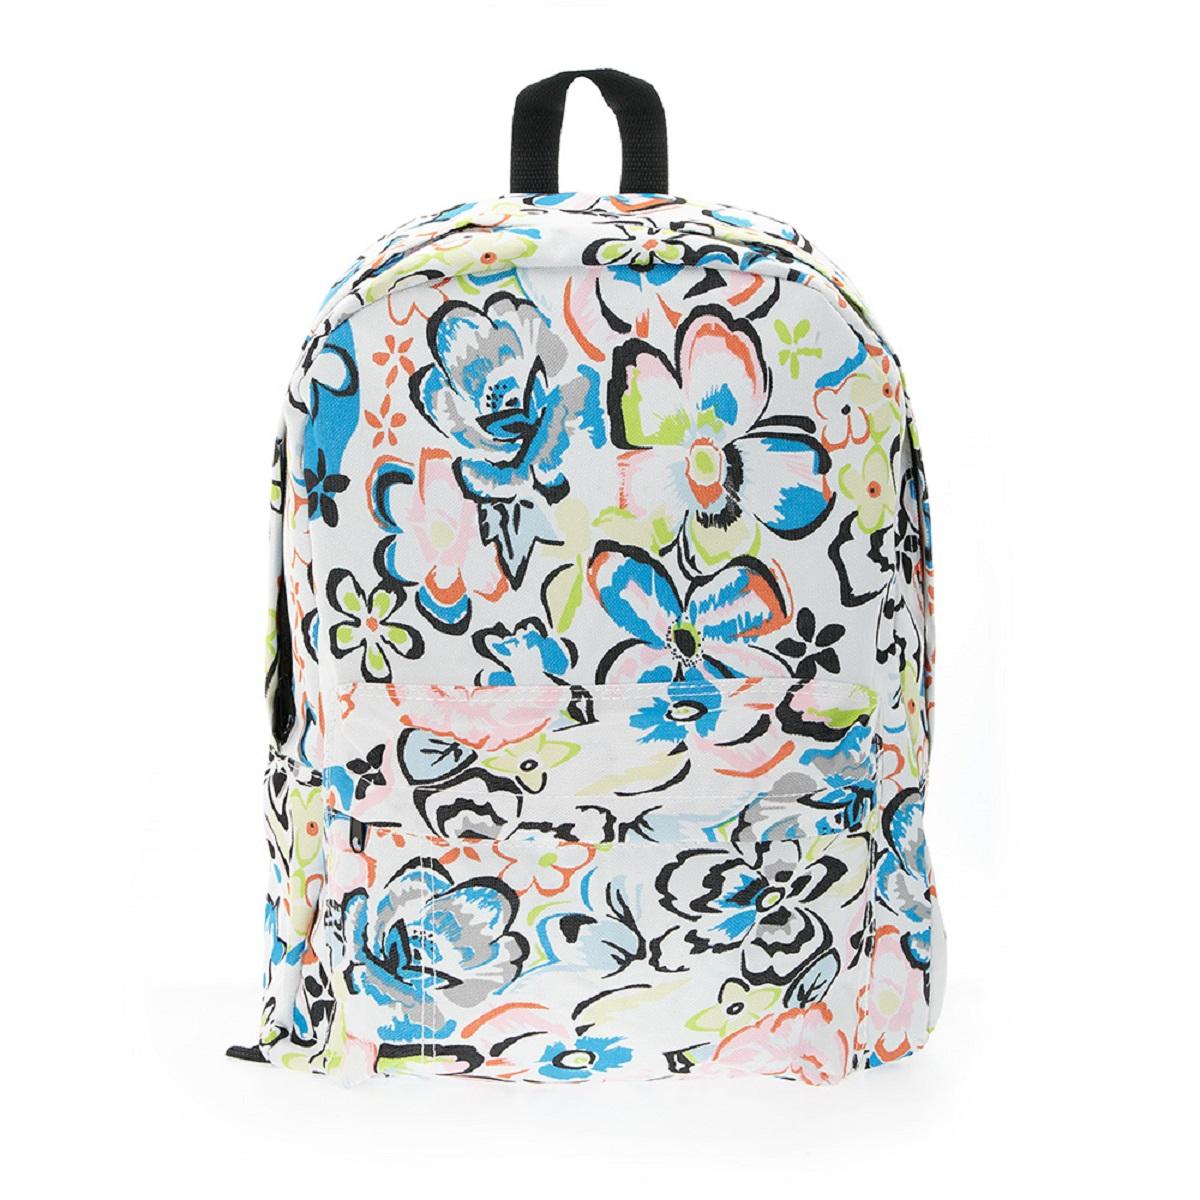 Рюкзак городской 3D Bags Цветы, 16 л3DBC409Стильный городской рюкзак 3D Bags Цветы - вместительный и практичный, понравится и школьникам, и студентам. Просторный внутренний отсек, наружный карман на молнии будут очень удобны в использовании.